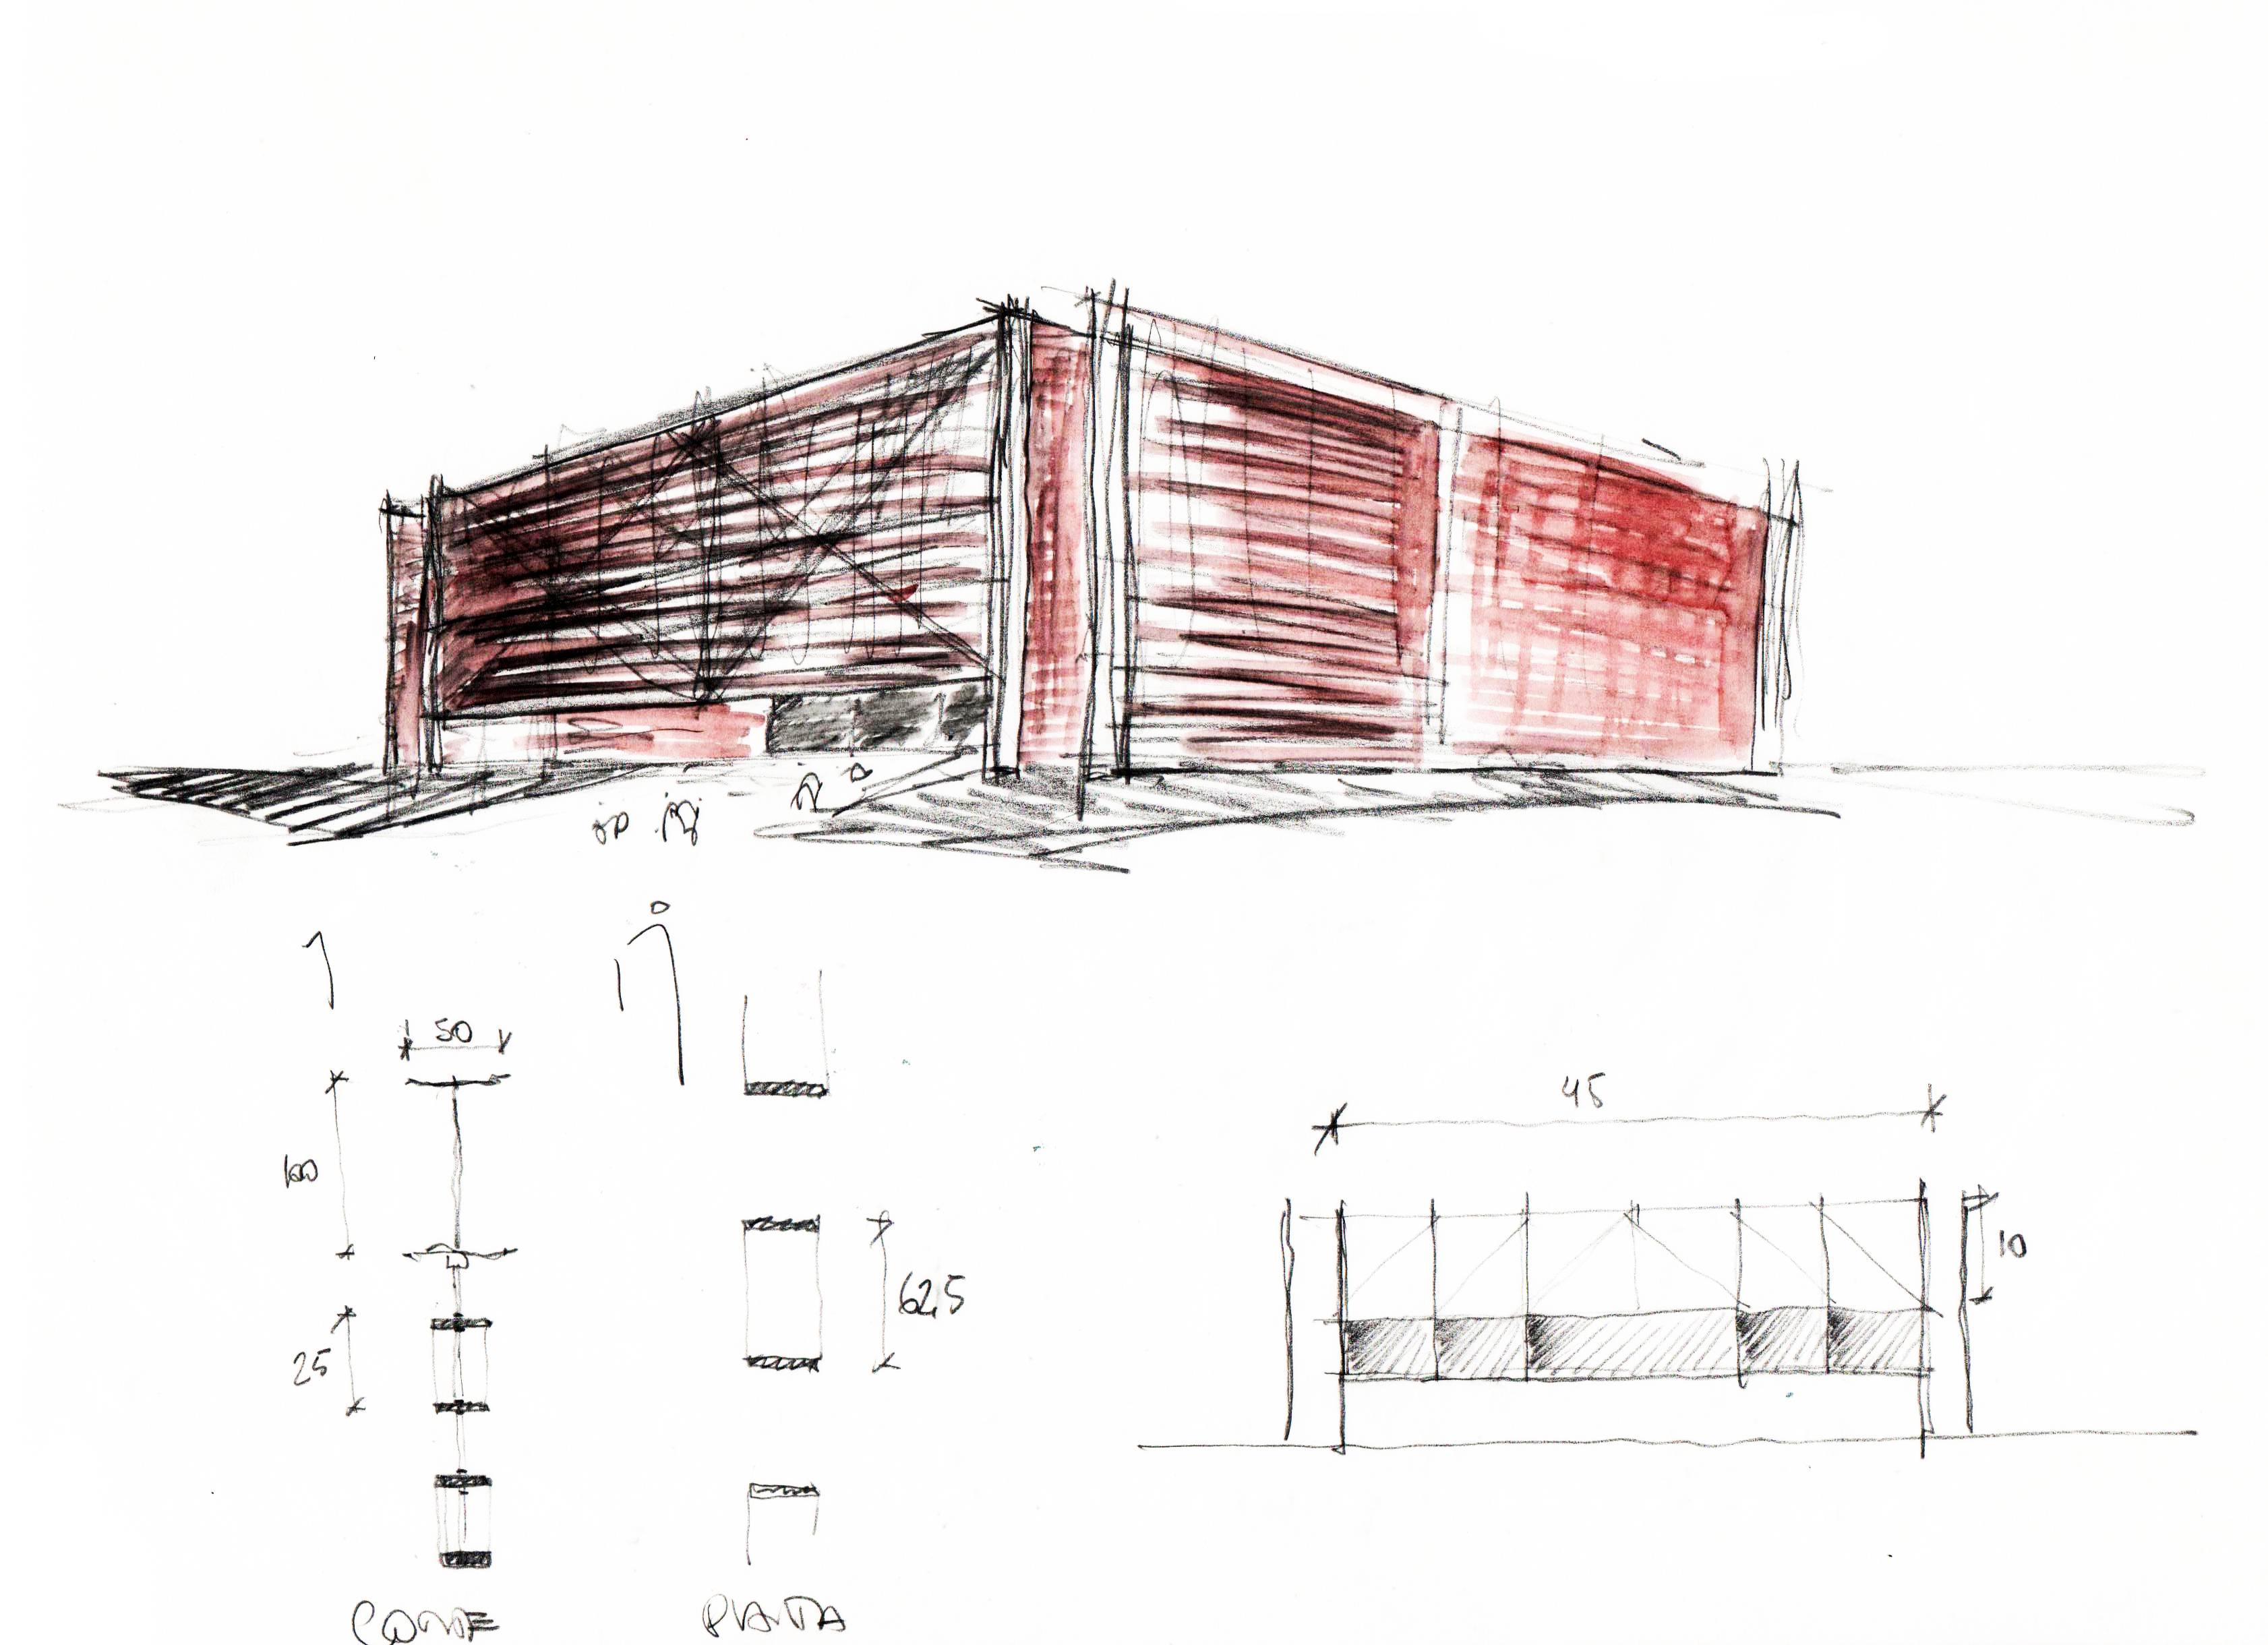 Estudos concurso Pavilhão brasileiro Expo Dubai 2020. Projeto AP Arquitetos, de 2019.